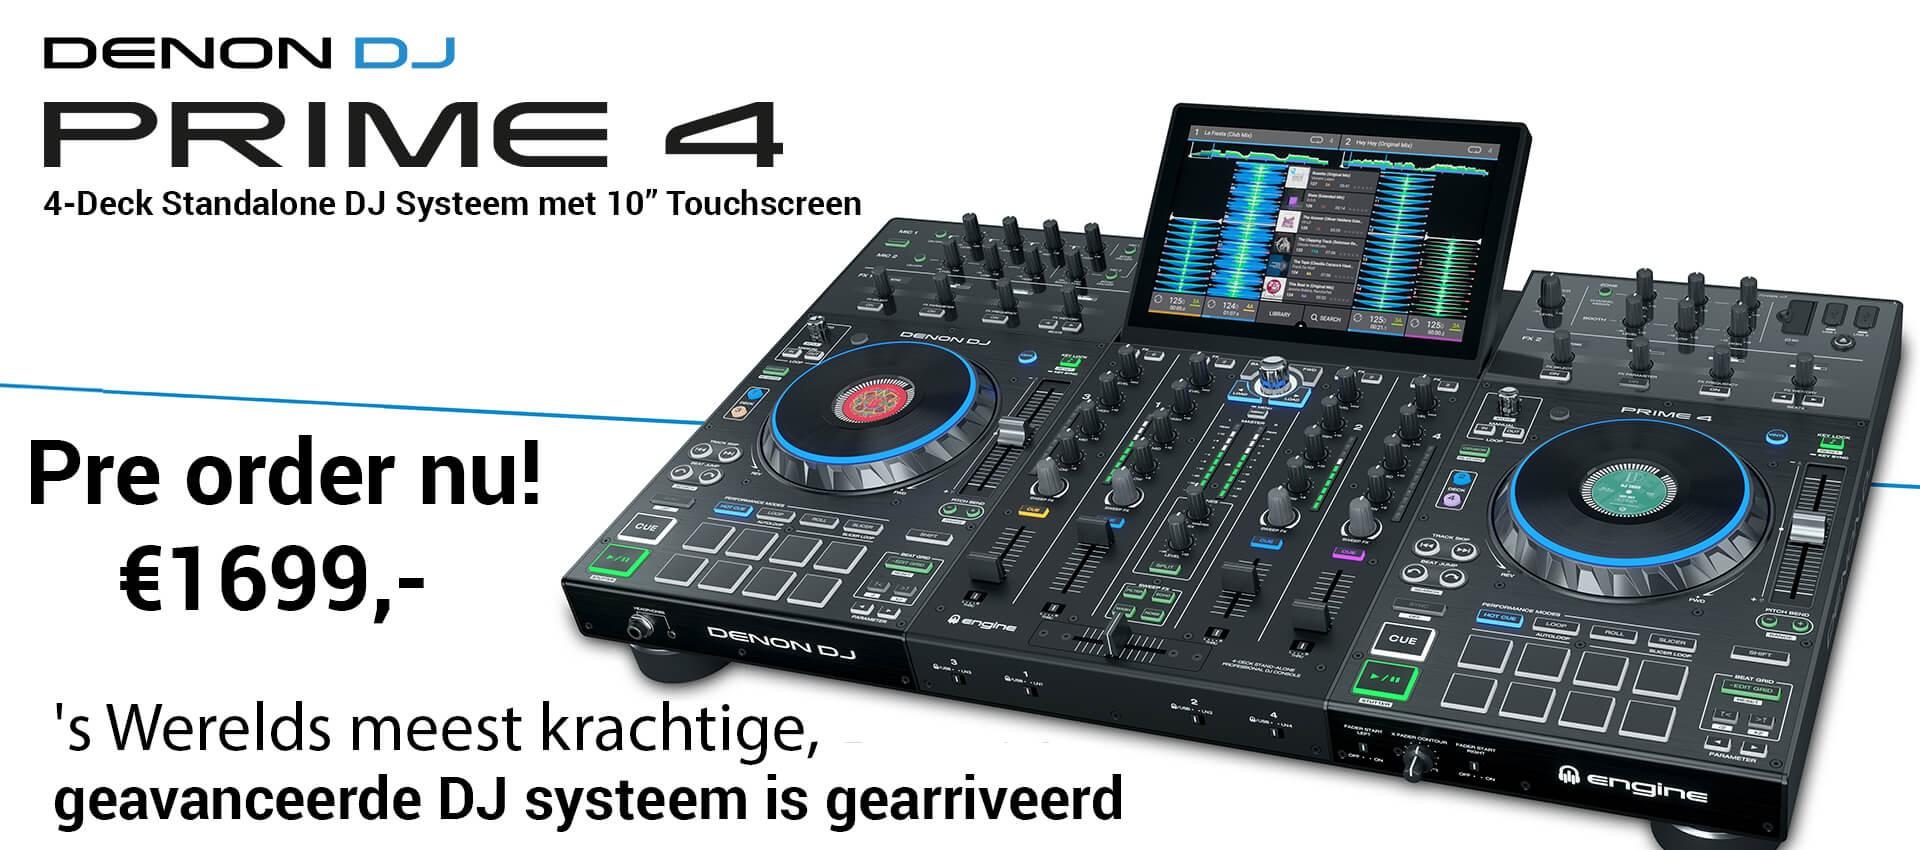 Denon DJ Prime 4 multimedia speler Dj controller